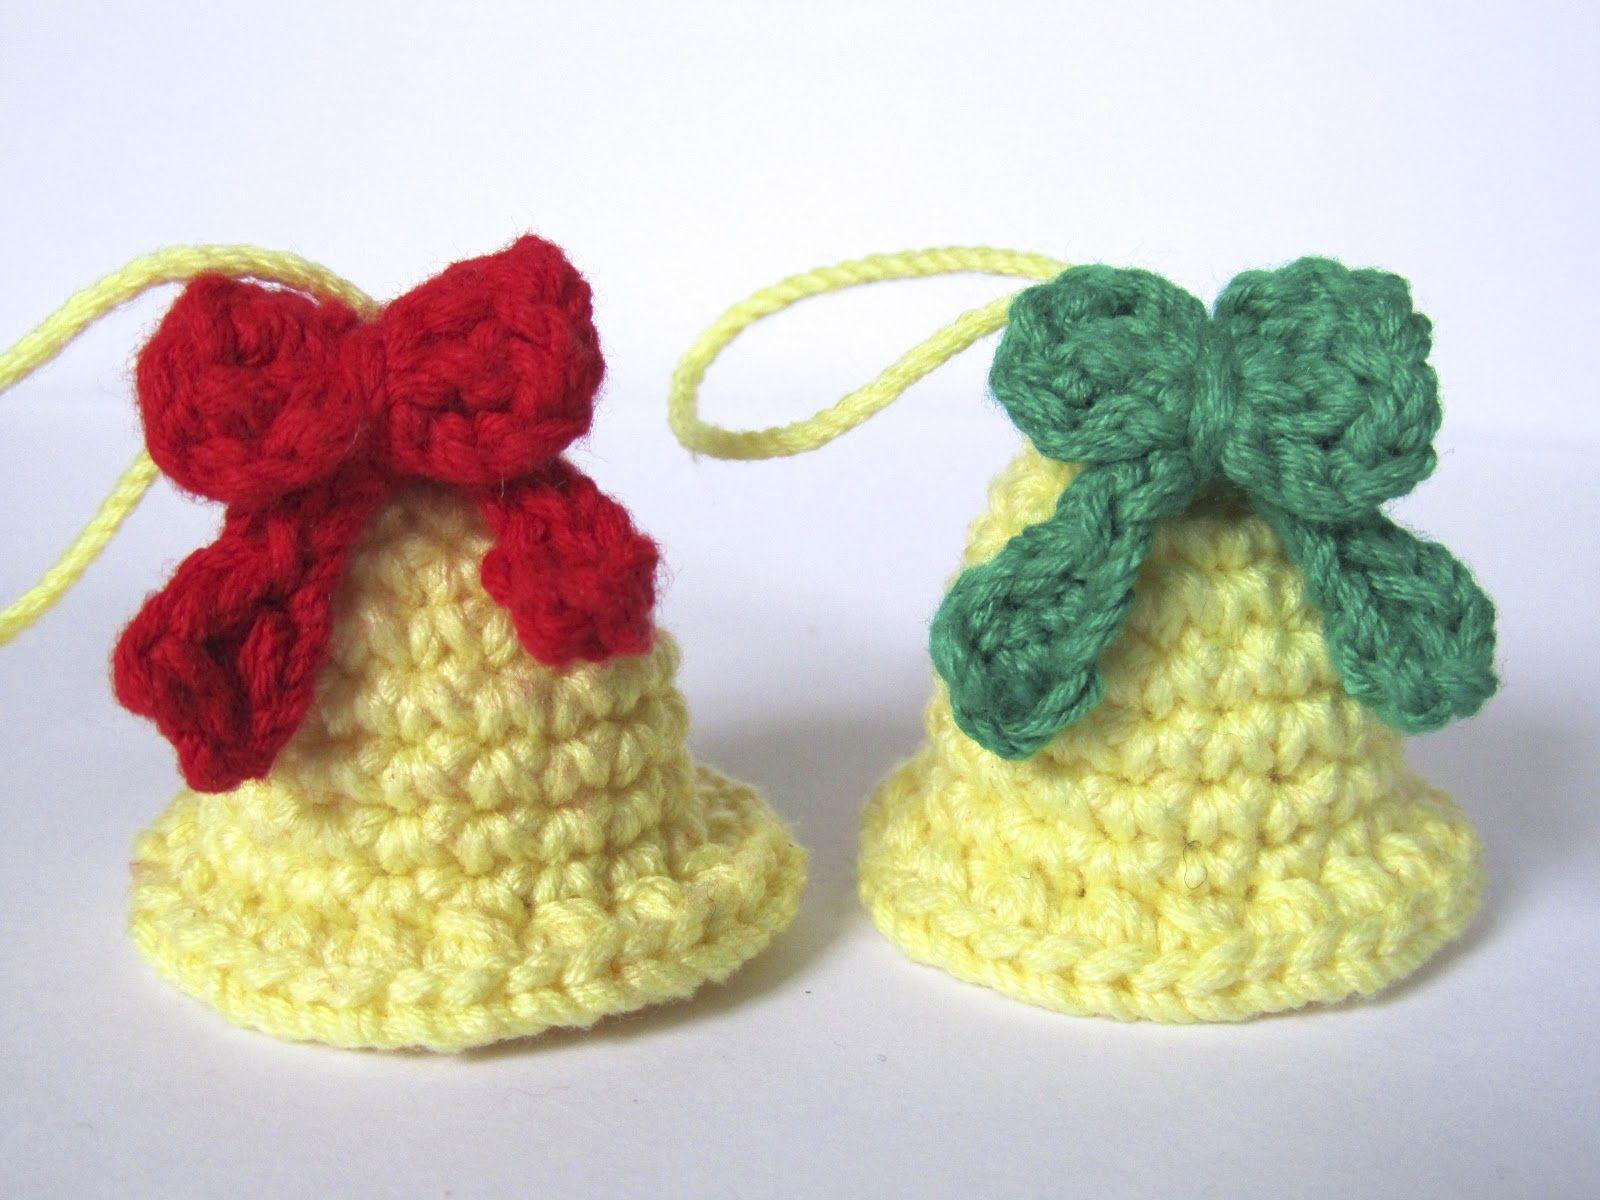 Amigurumi Que Es : Crafteando que es gerundio patrón Árbol de navidad pattern